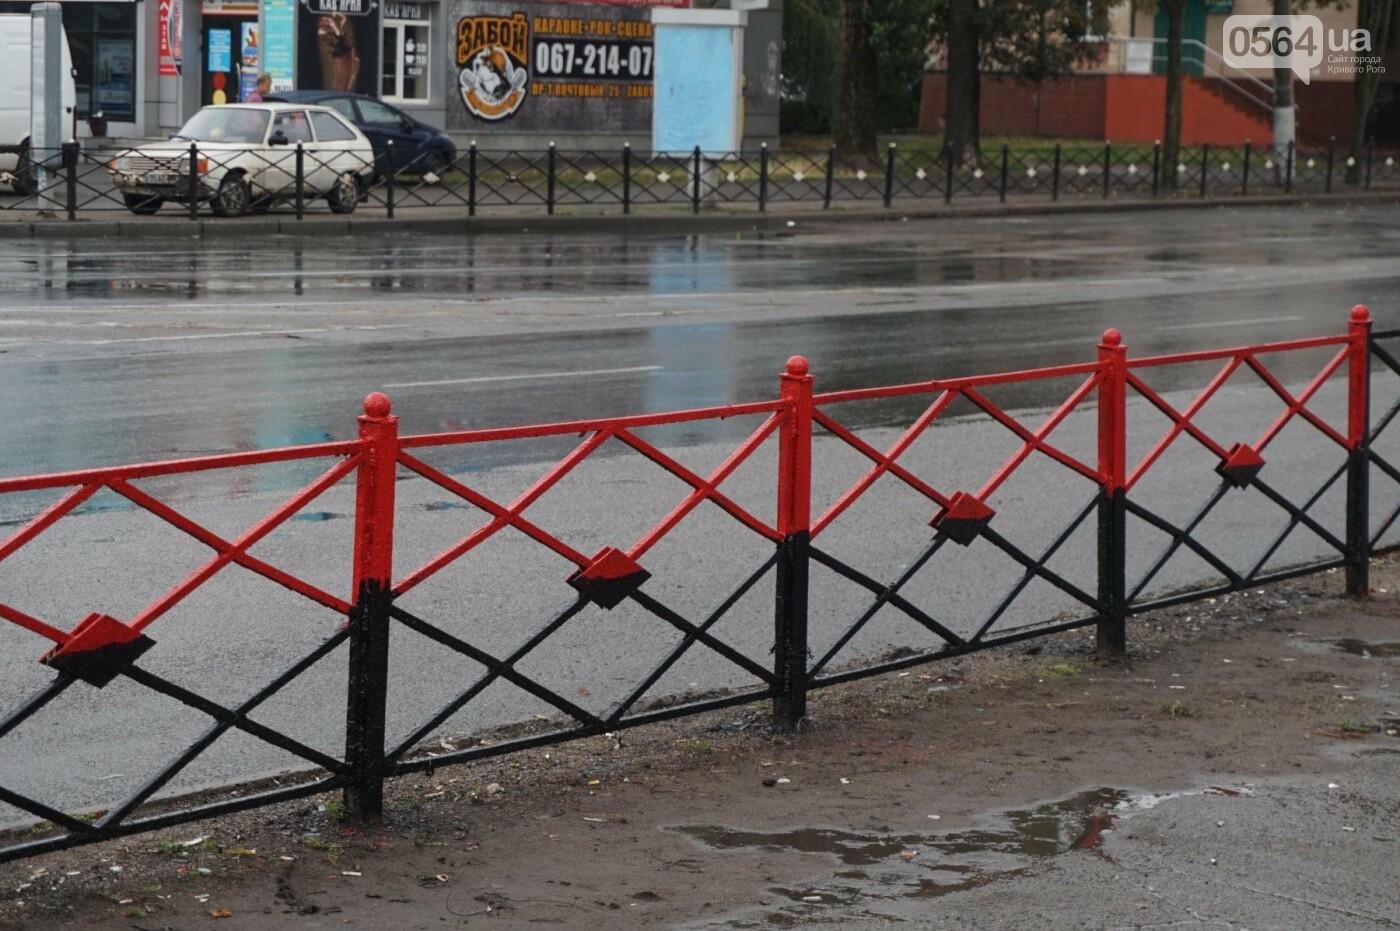 Центр Кривого Рога раскрашивают в красно-черный и сине-желтый цвета, - ФОТО , фото-12